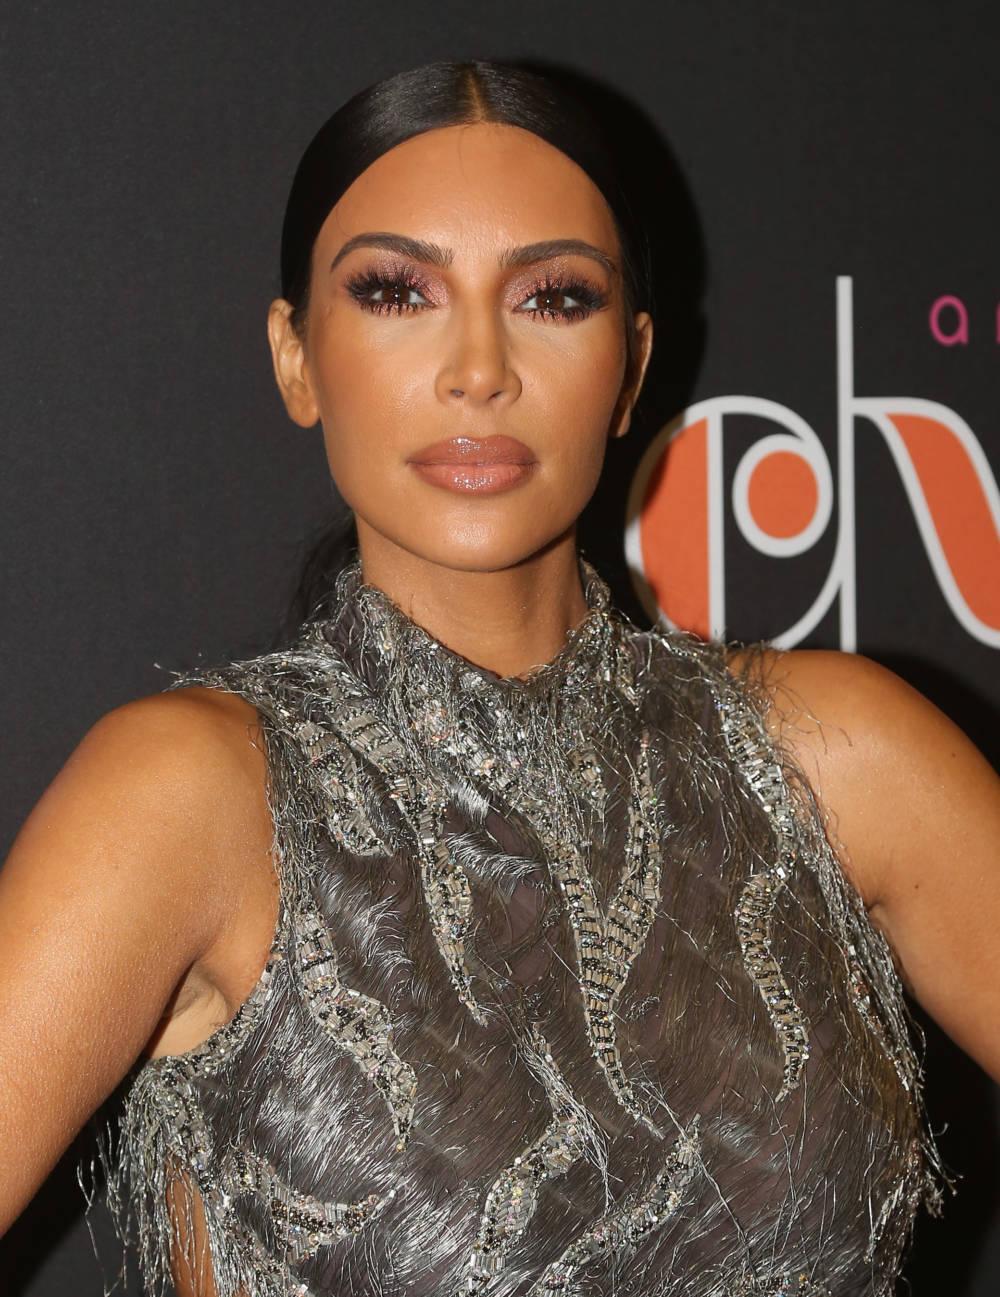 Kim Kardashian geht mit Make-up ins Bett  | STYLEBOOK